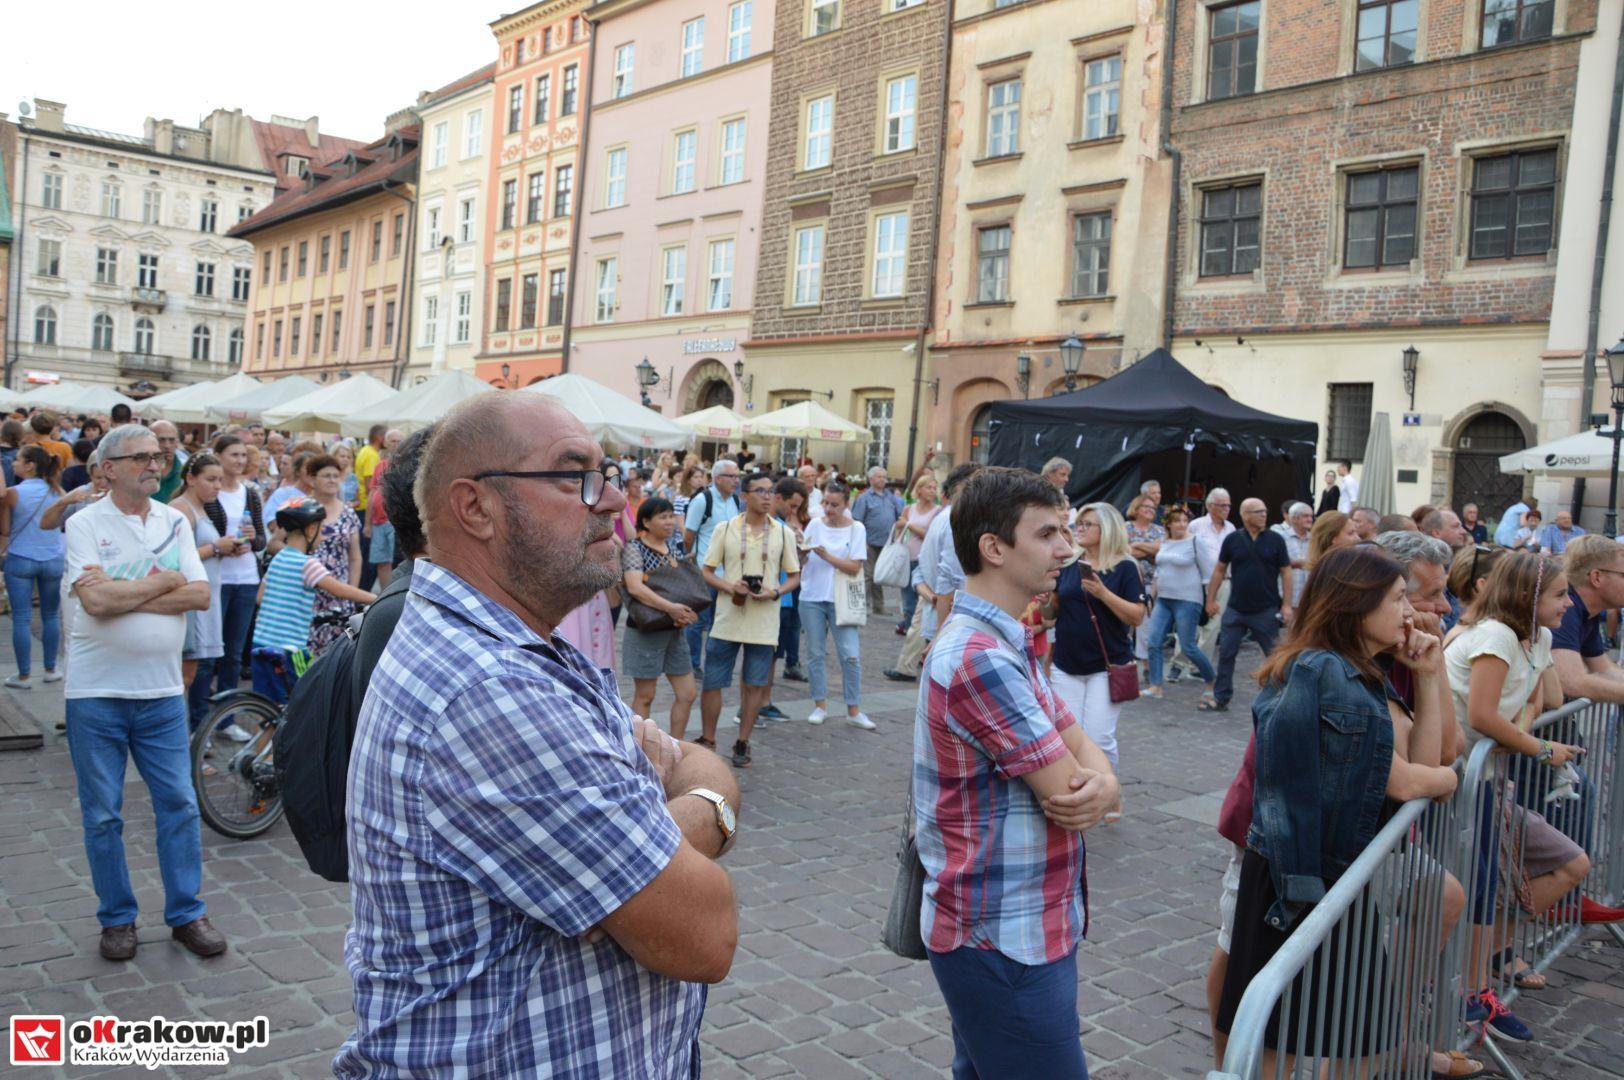 krakow festiwal pierogow maly rynek koncert cheap tobacco 102 150x150 - Galeria zdjęć Festiwal Pierogów Kraków 2018 + zdjęcia z koncertu Cheap Tobacco